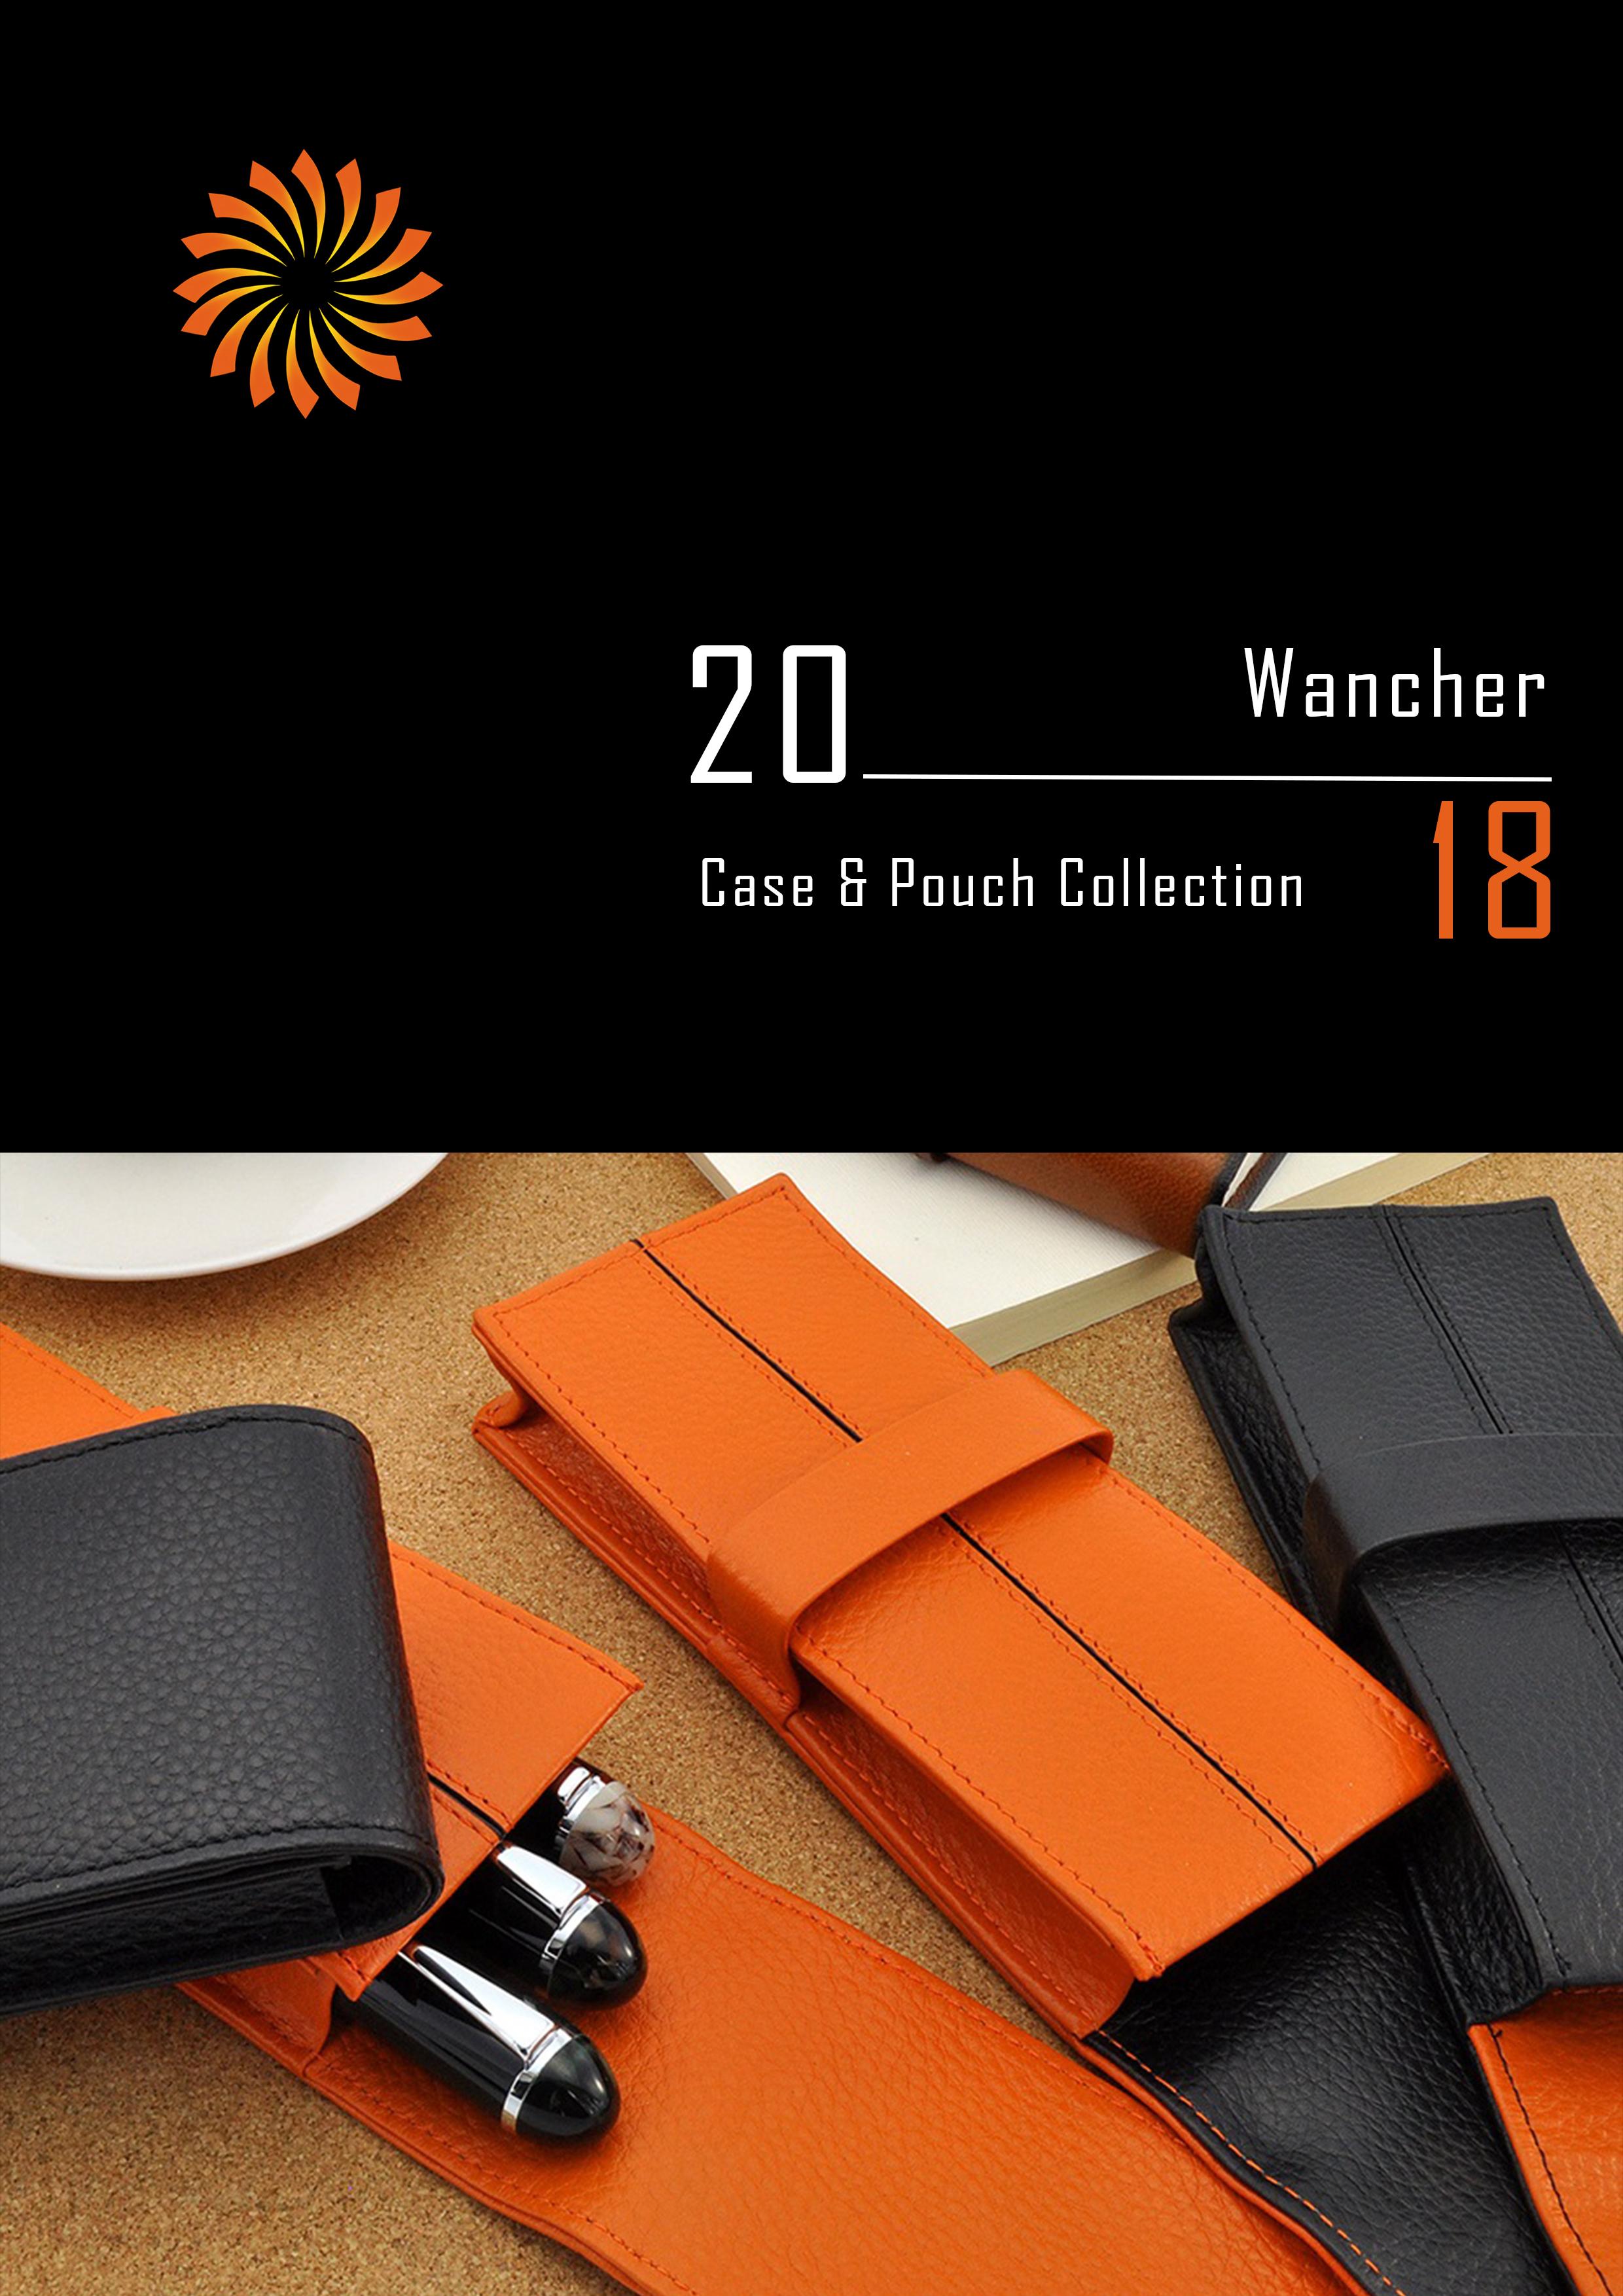 Case & Pouch Catalog